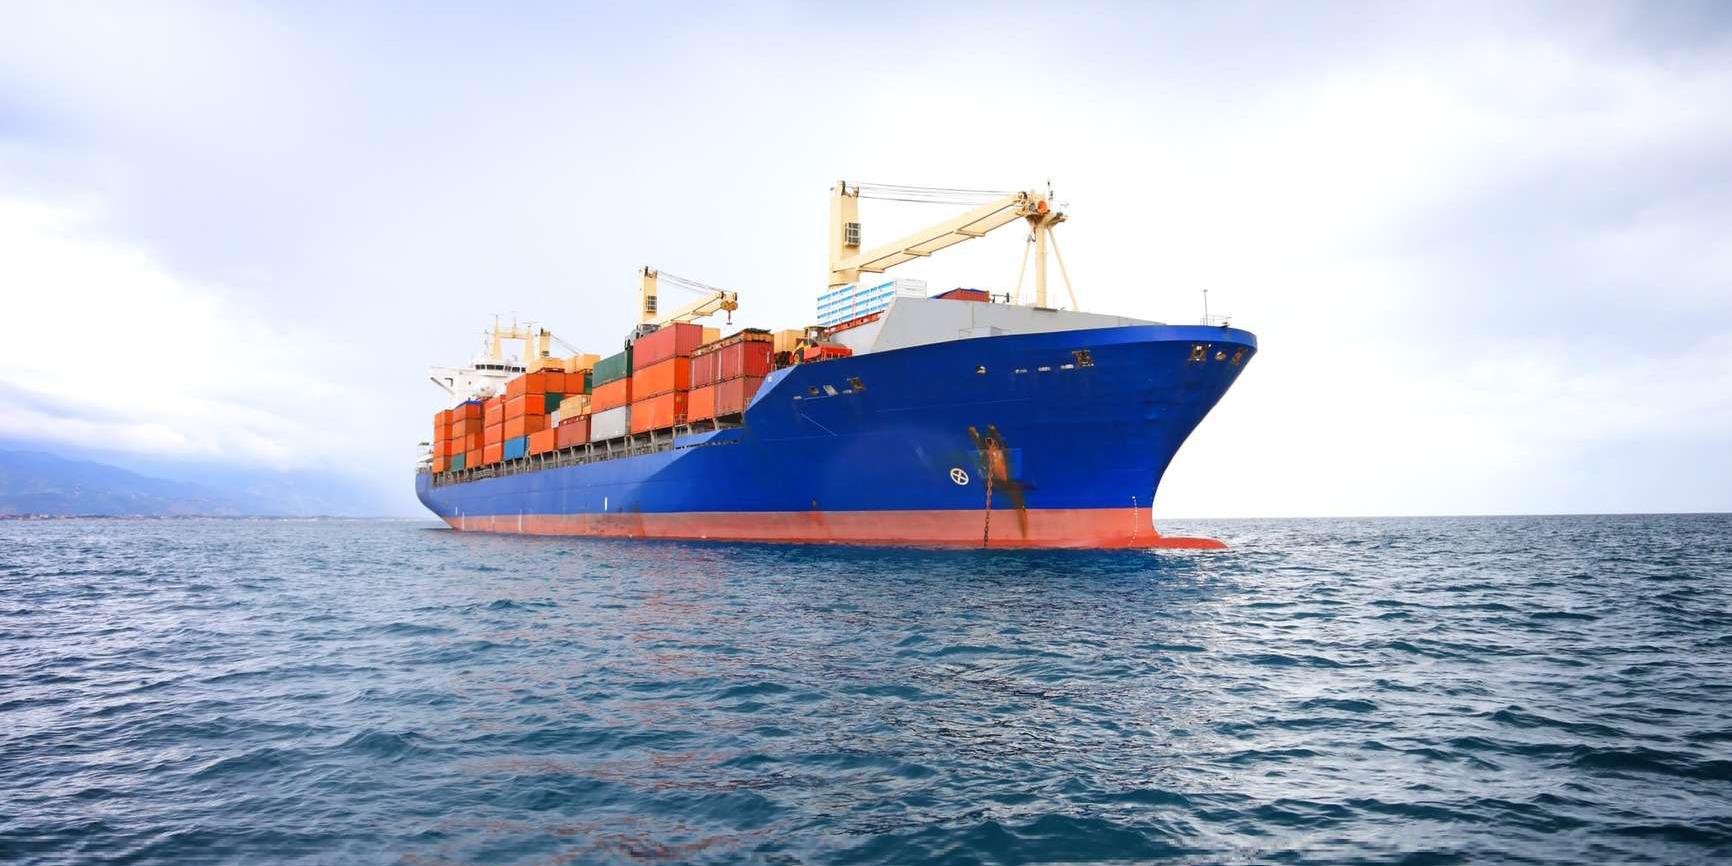 ۹ فروند کشتی ایرانی تحت پوشش بیمه بینالمللی پی اند آی قرار گرفت